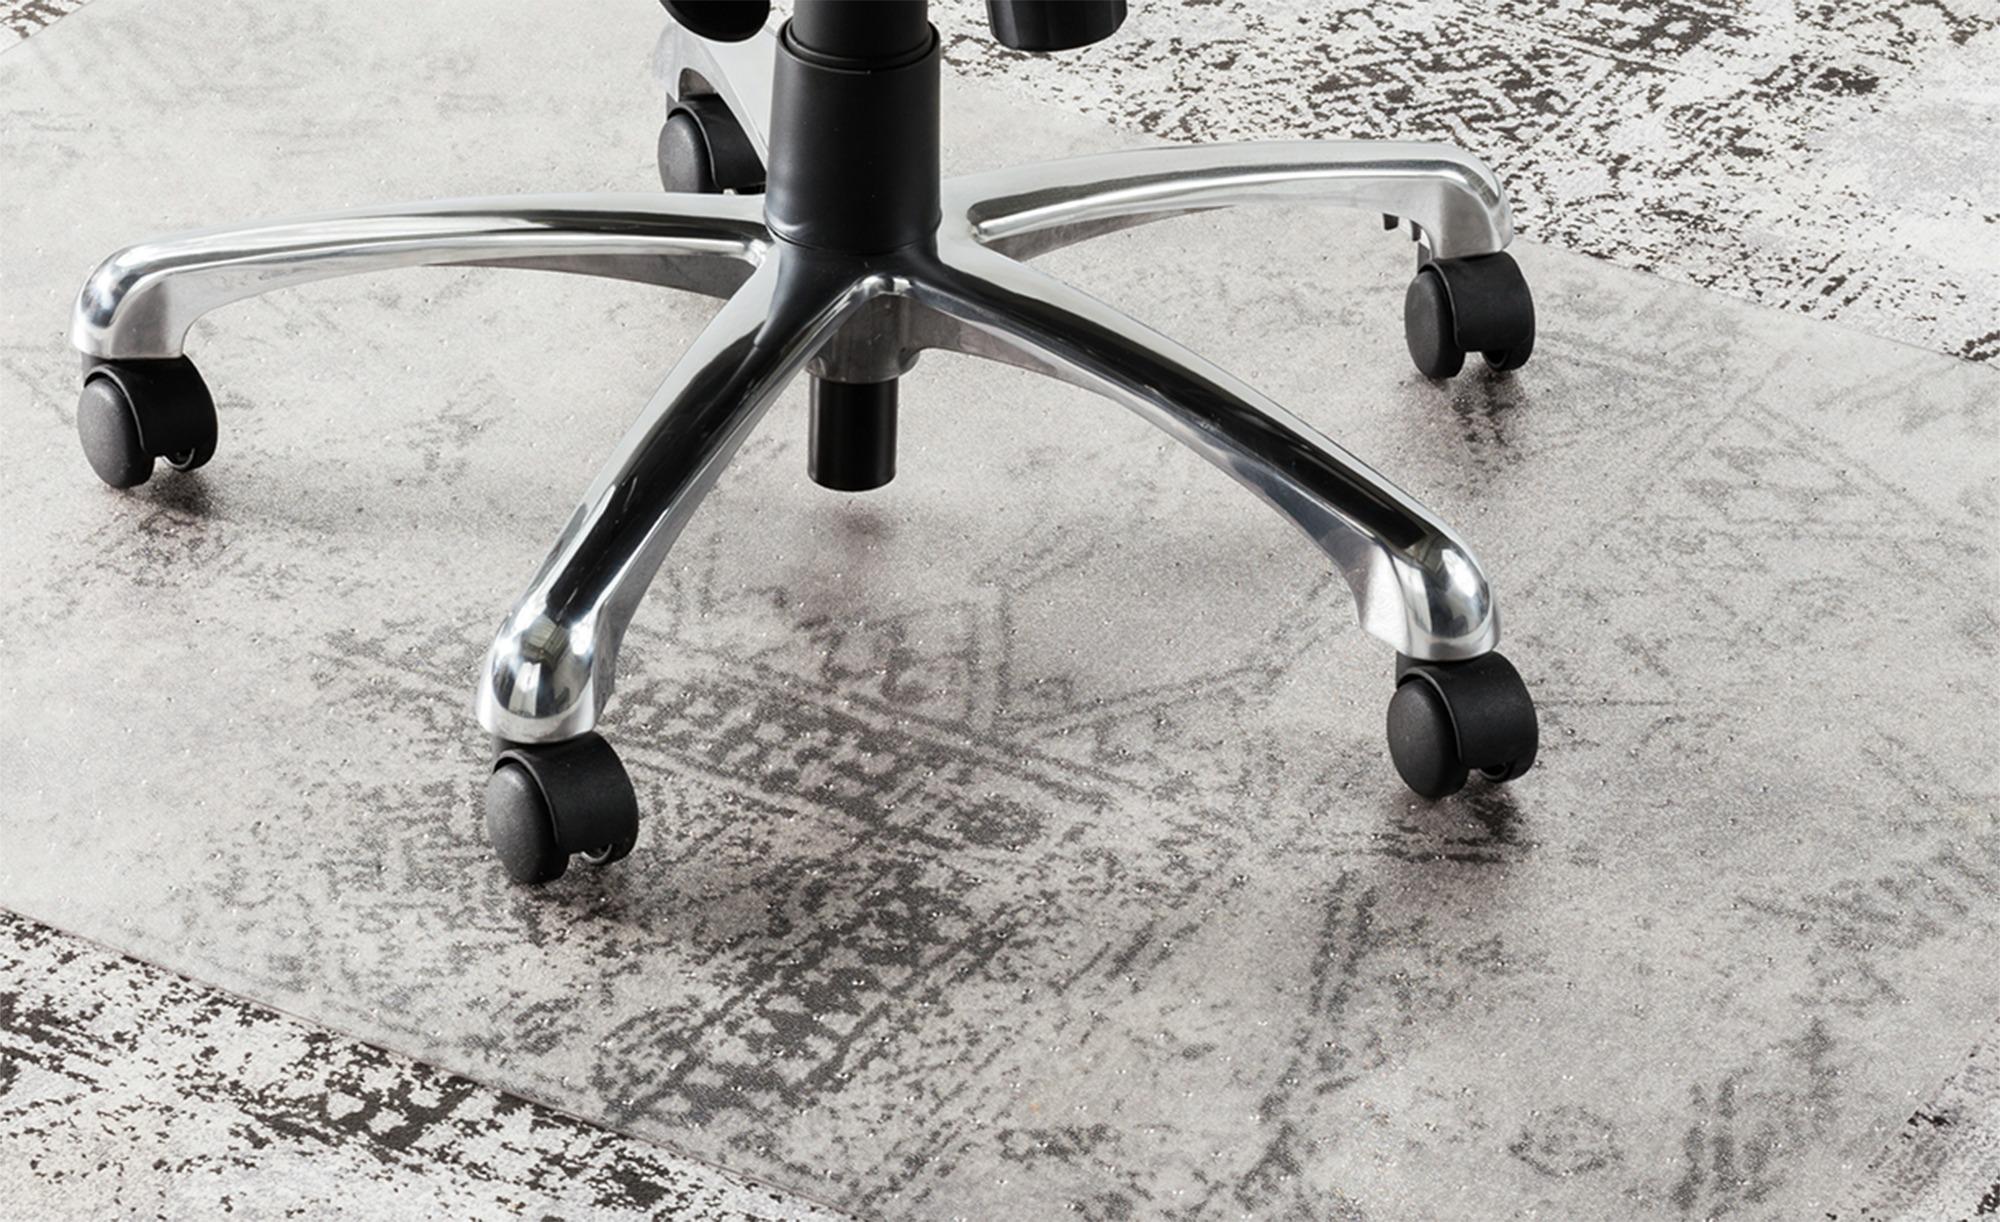 Bürostuhlunterlage mit Noppen ¦ transparent/klar ¦ 100 % Polyethylen (PET) ¦ Maße (cm): B: 90 Teppiche > Teppichzubehör - Höffner